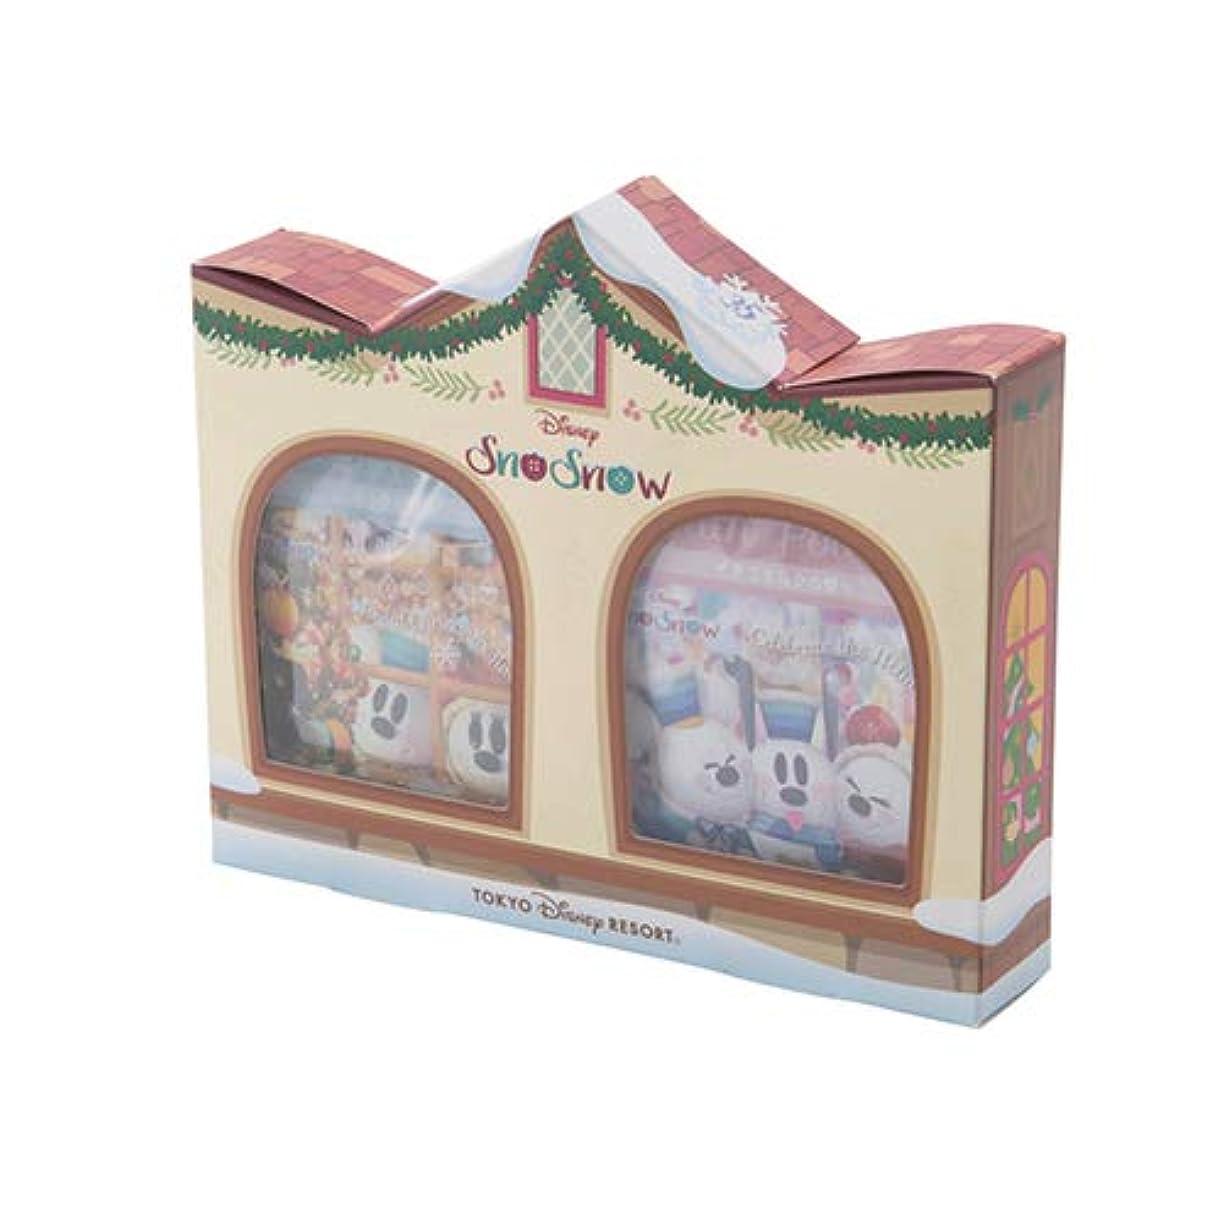 として悪のに変わるスノーミッキー 入浴剤 スノースノー ディズニー クリスマス 2018 箱入り ディズニー お土産 【東京ディズニーリゾート限定】